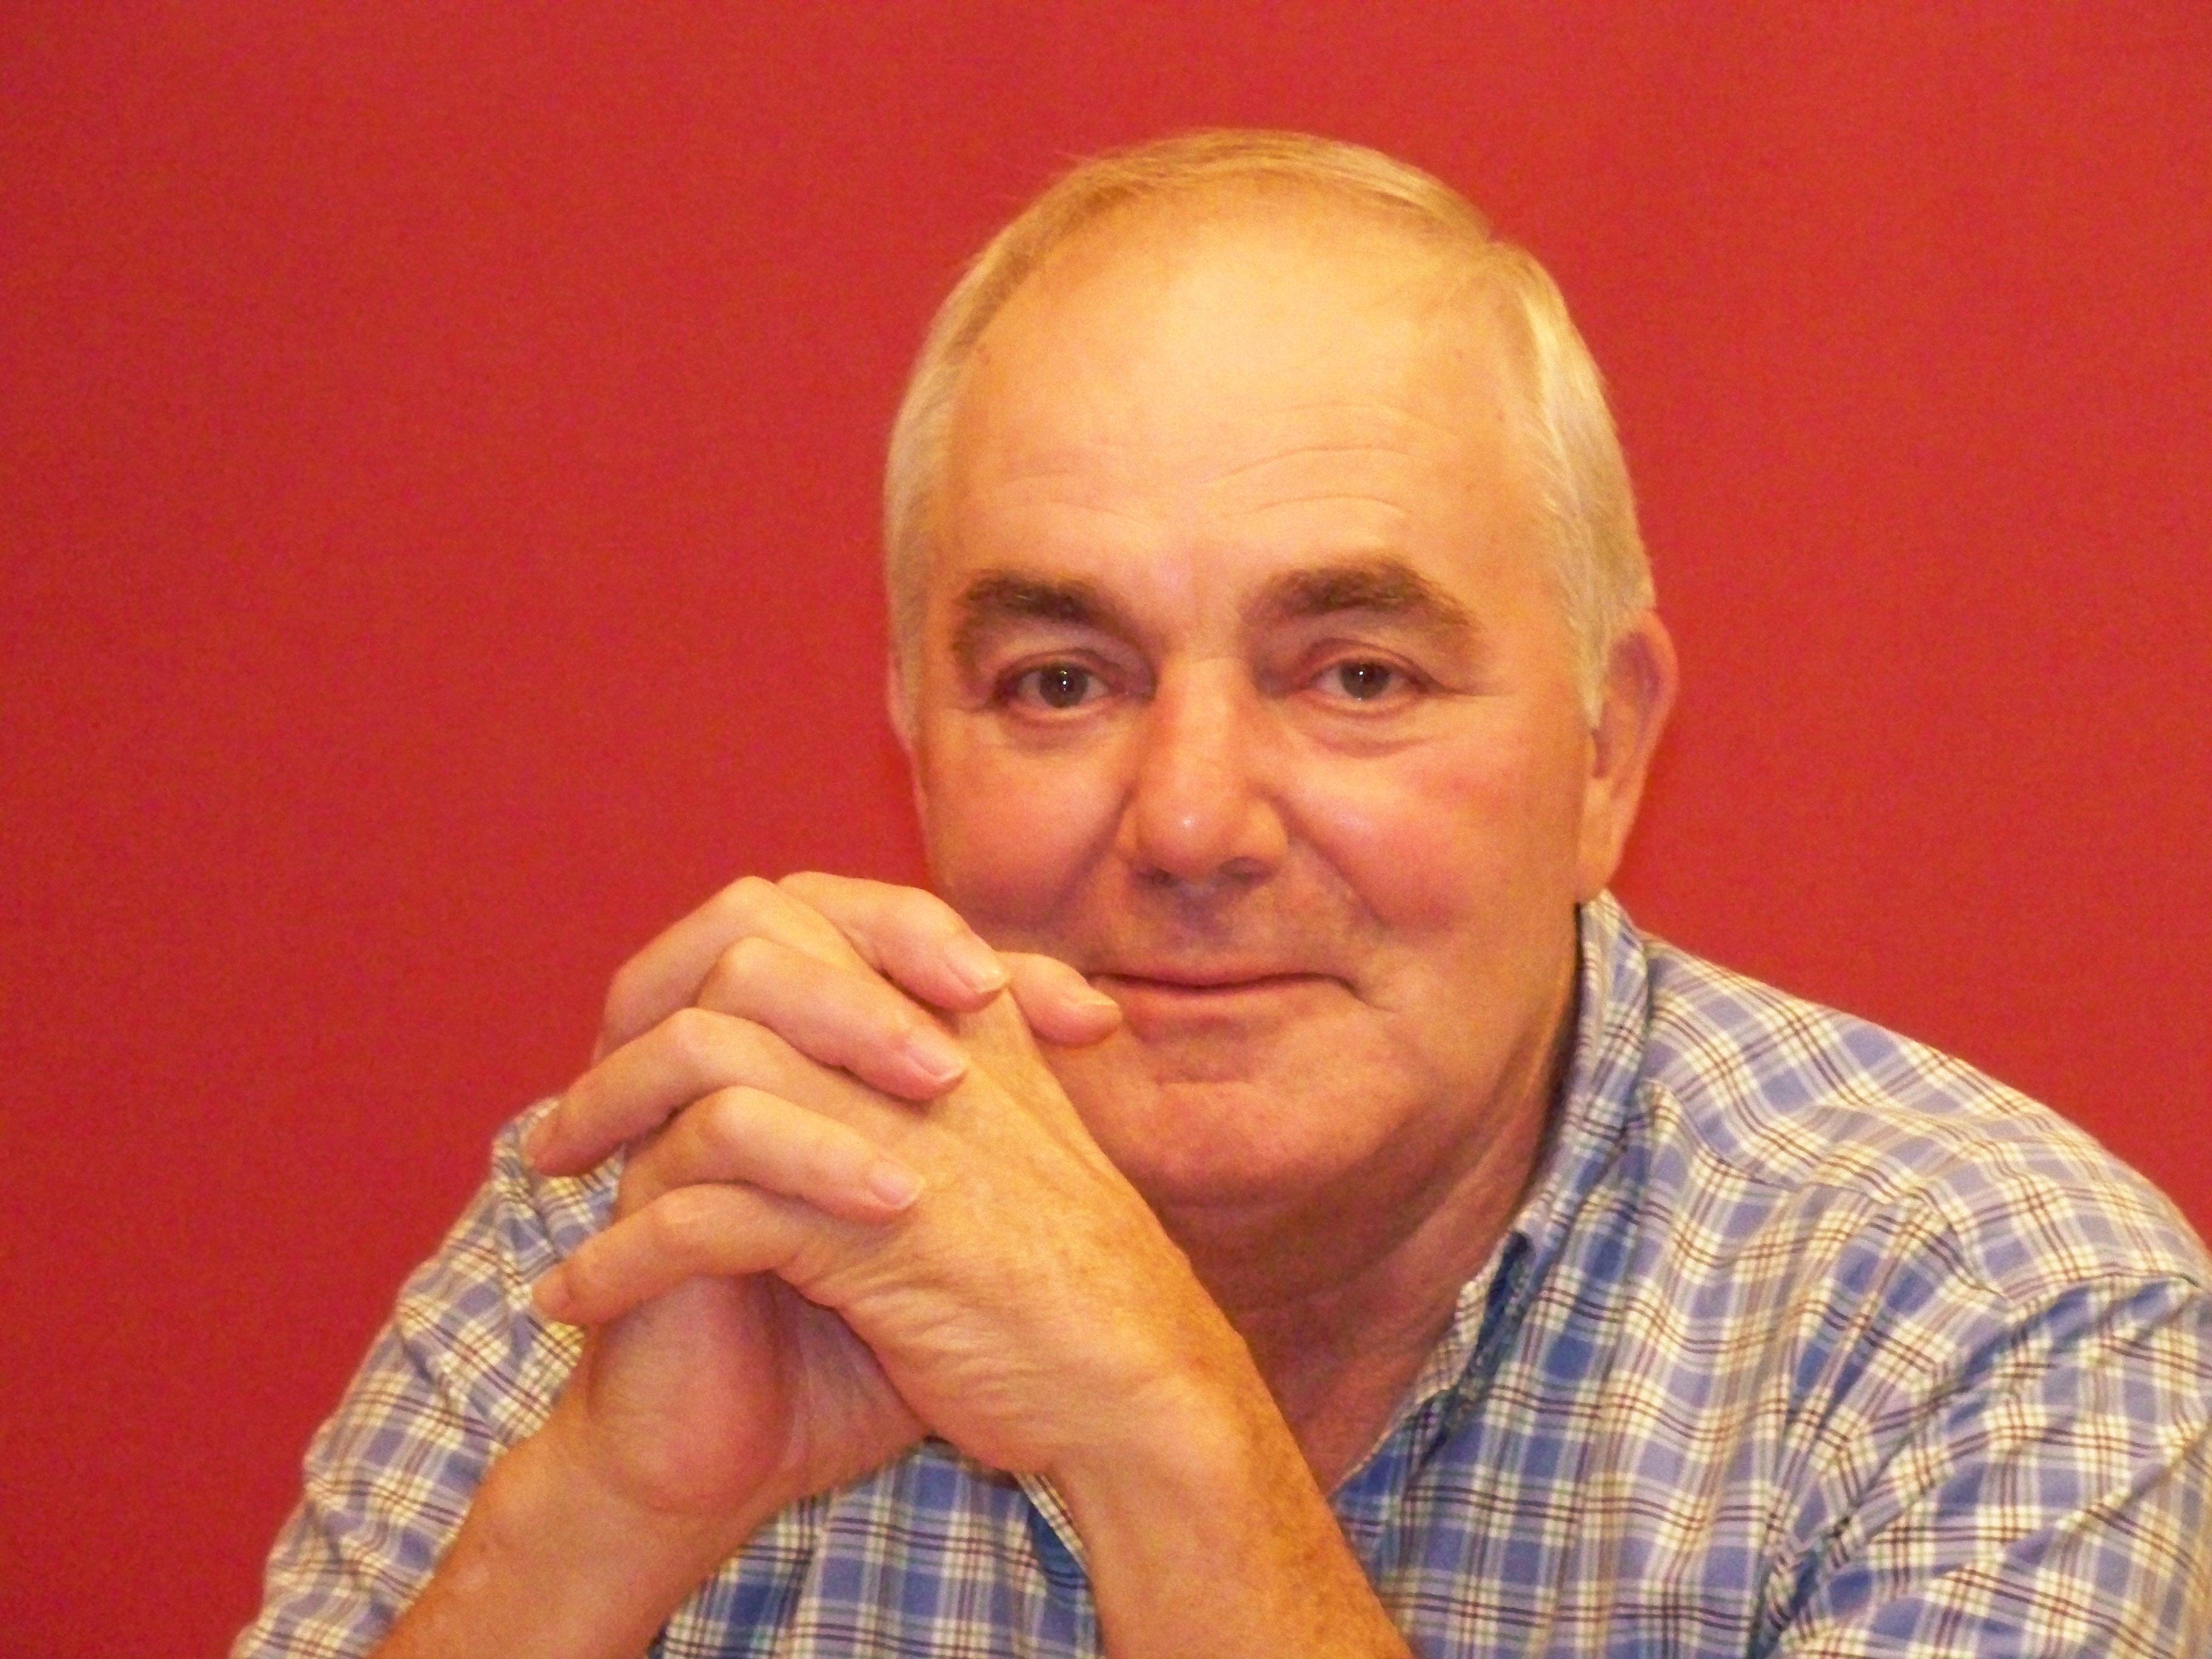 Mack Draughon